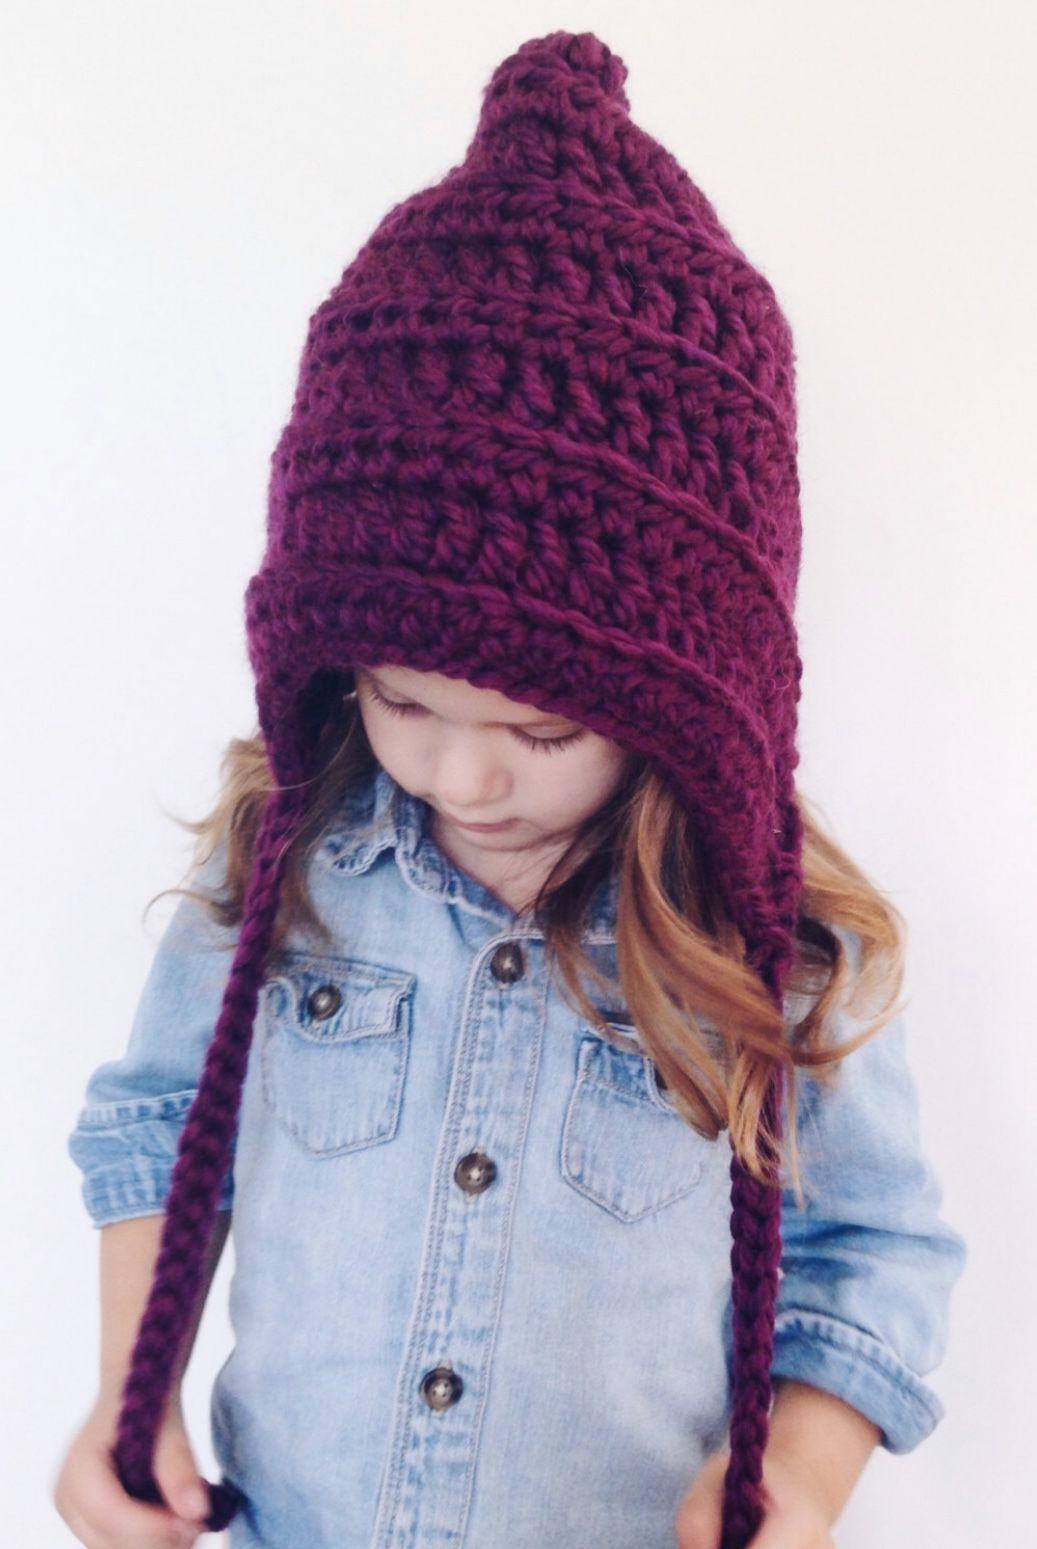 Handmade Chunky Knit Pixie Hat | MaxandOliviaCo on Etsy | Fibers ...